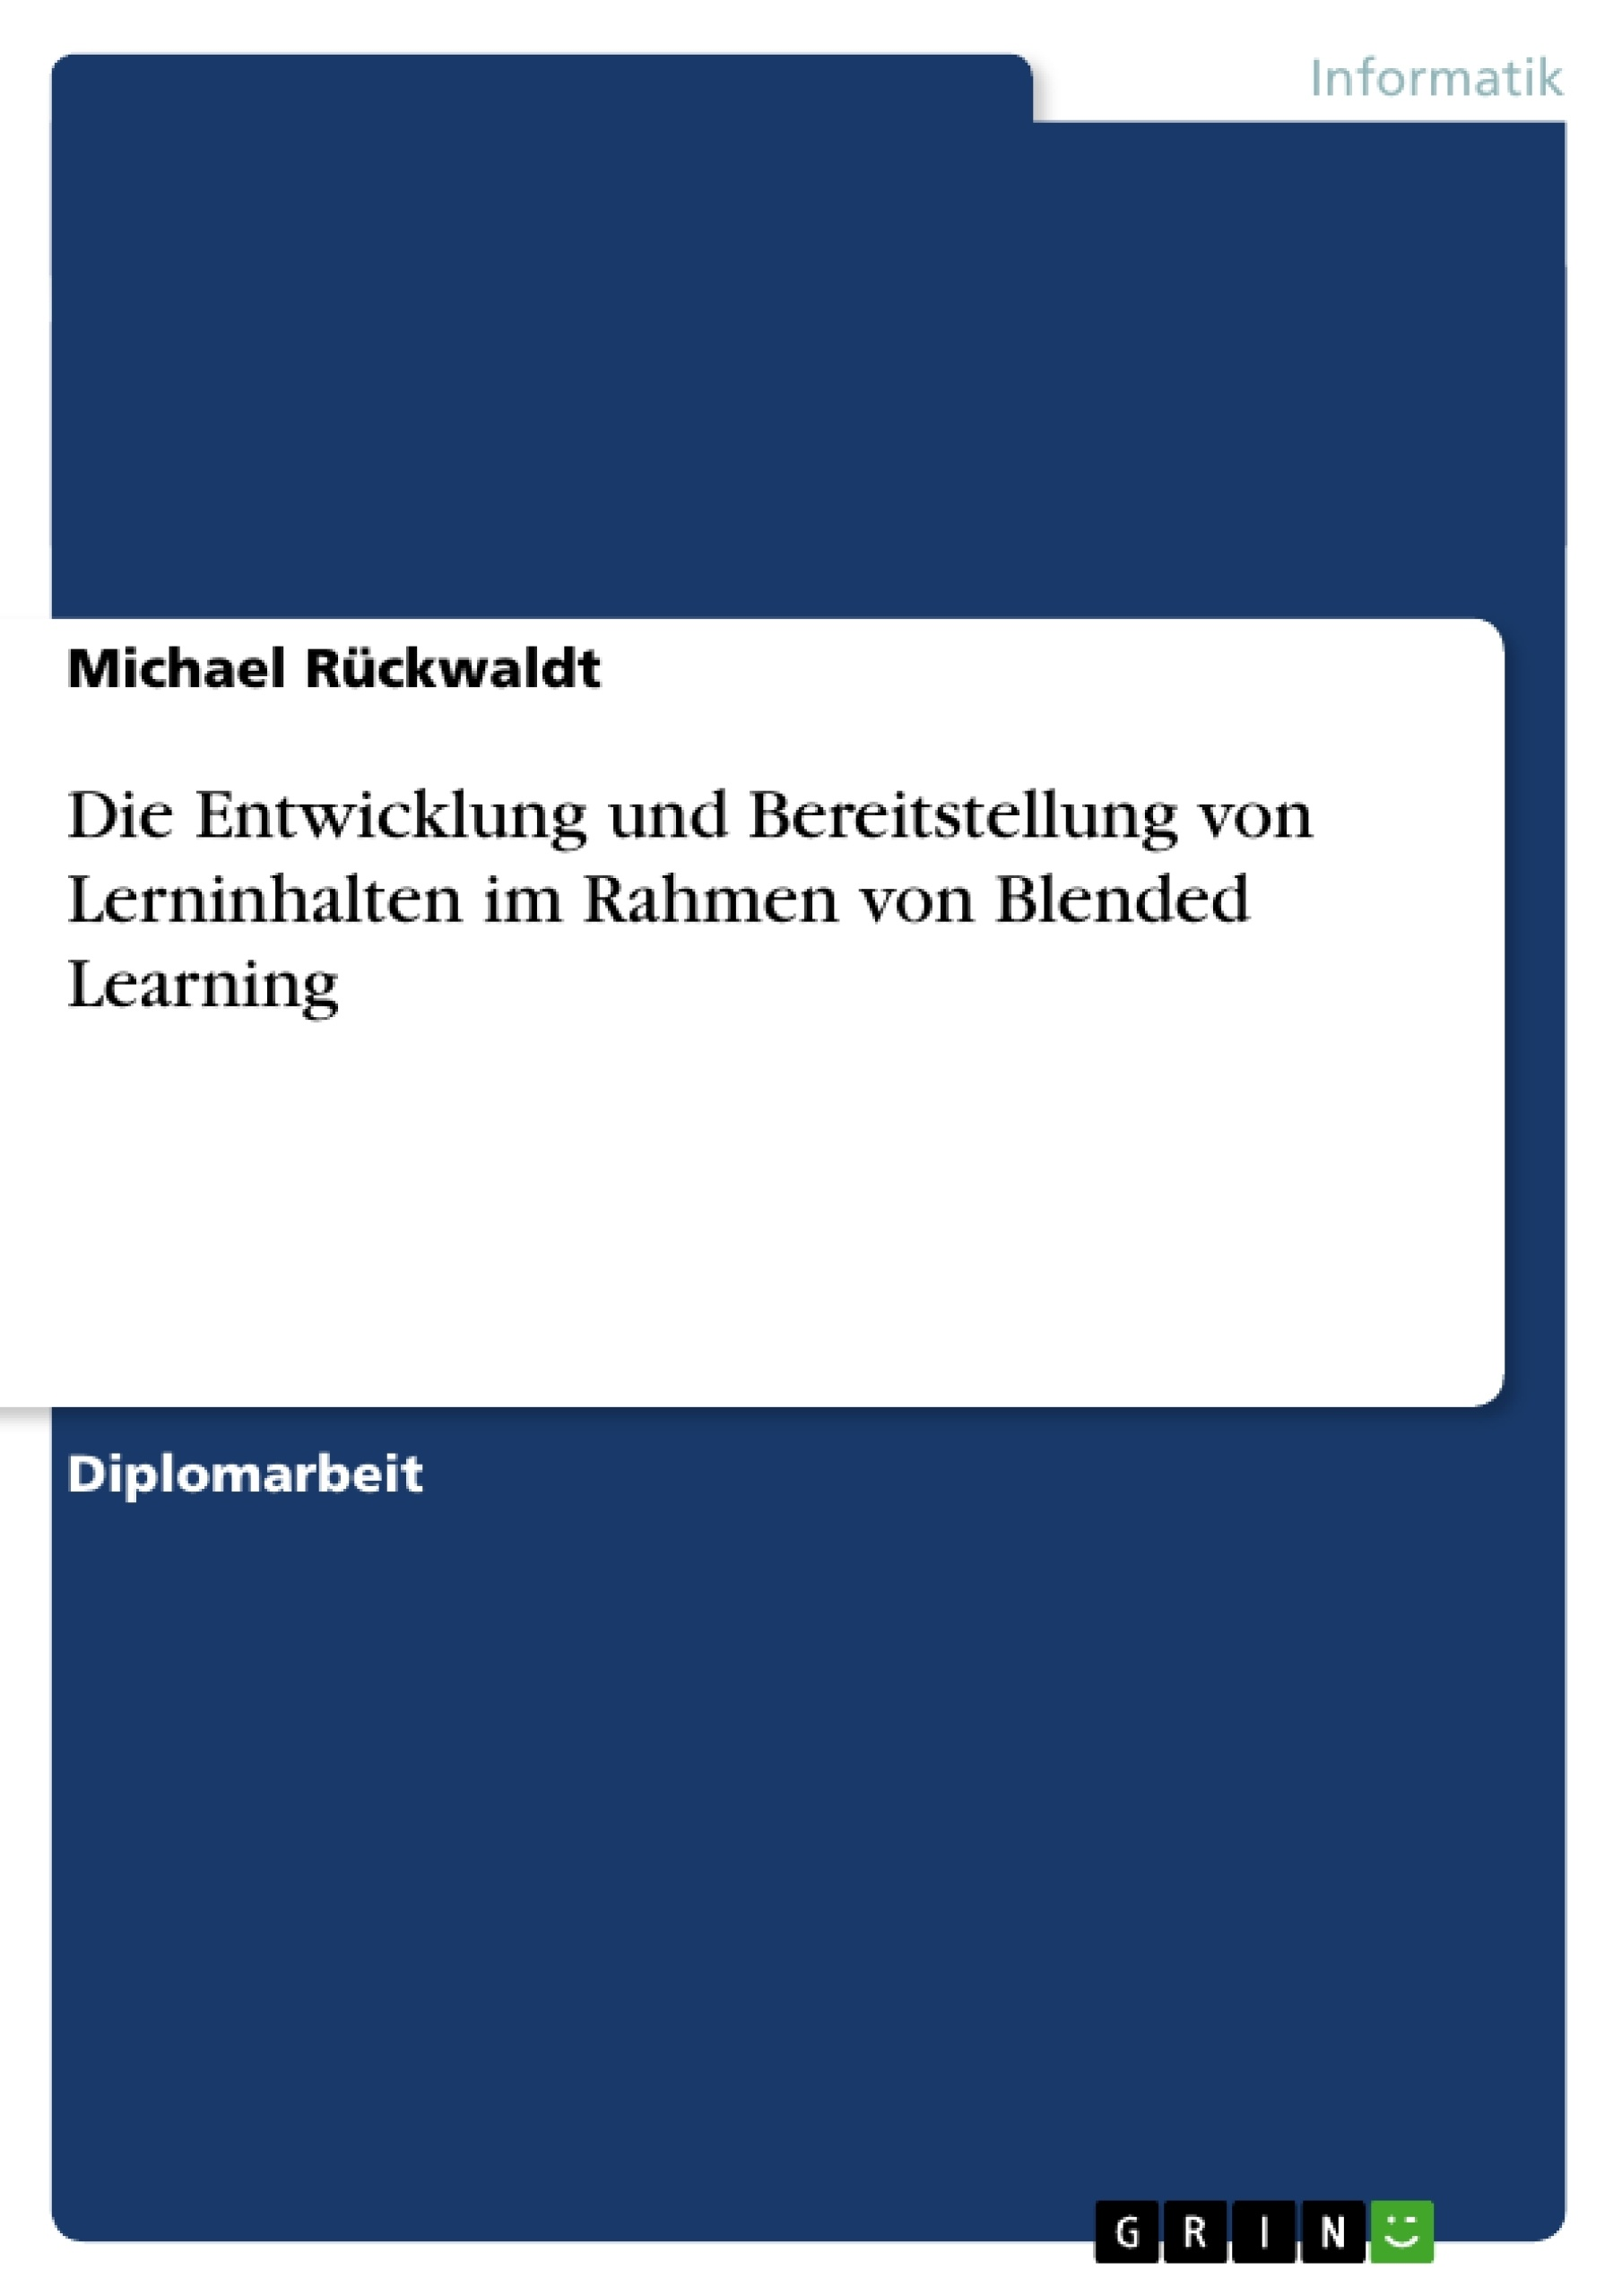 Titel: Die Entwicklung und Bereitstellung von Lerninhalten im Rahmen von Blended Learning